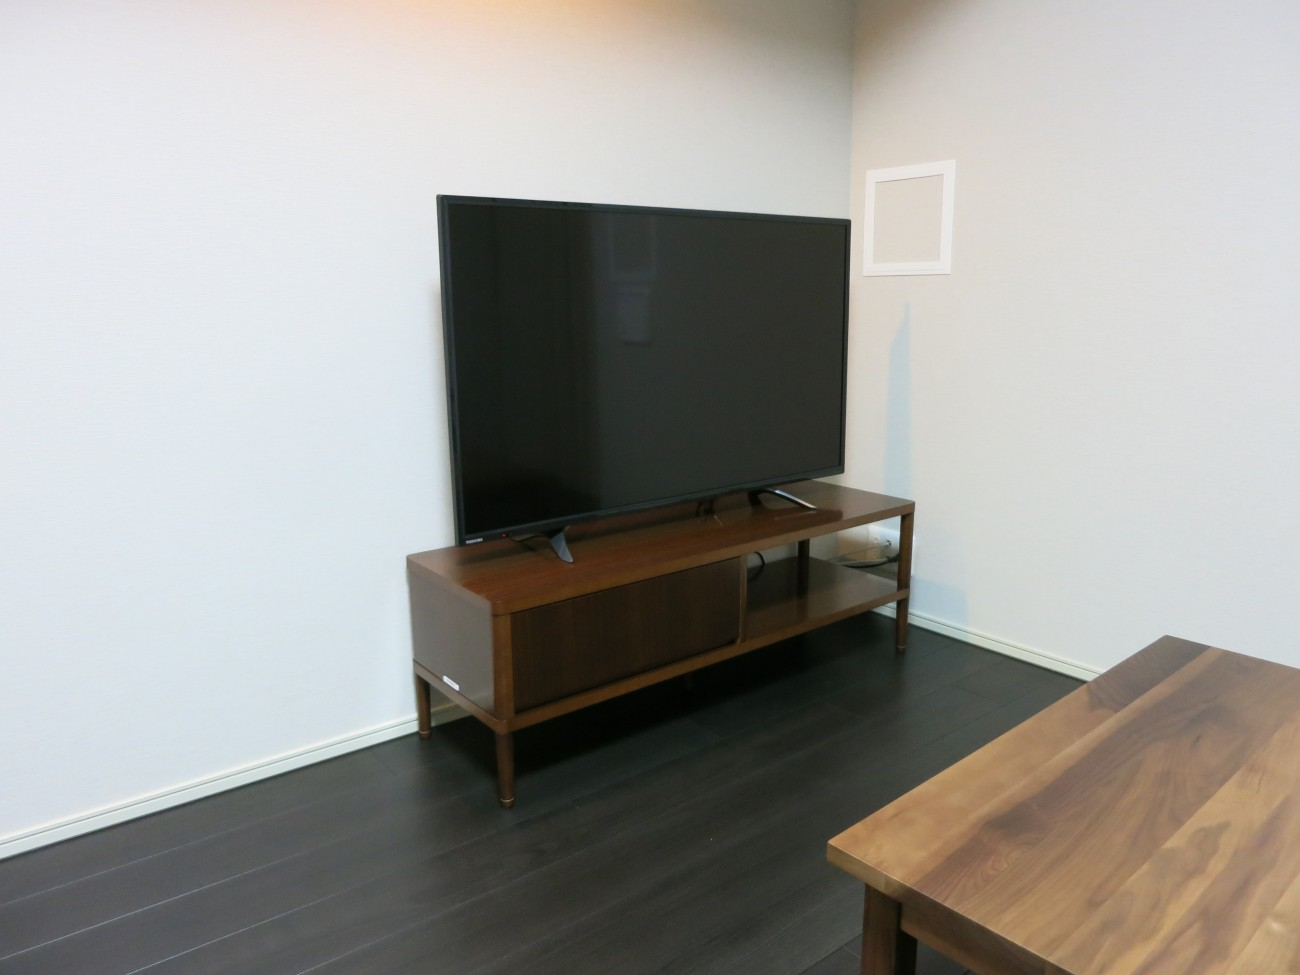 カリモク60TVボードウォールナット色